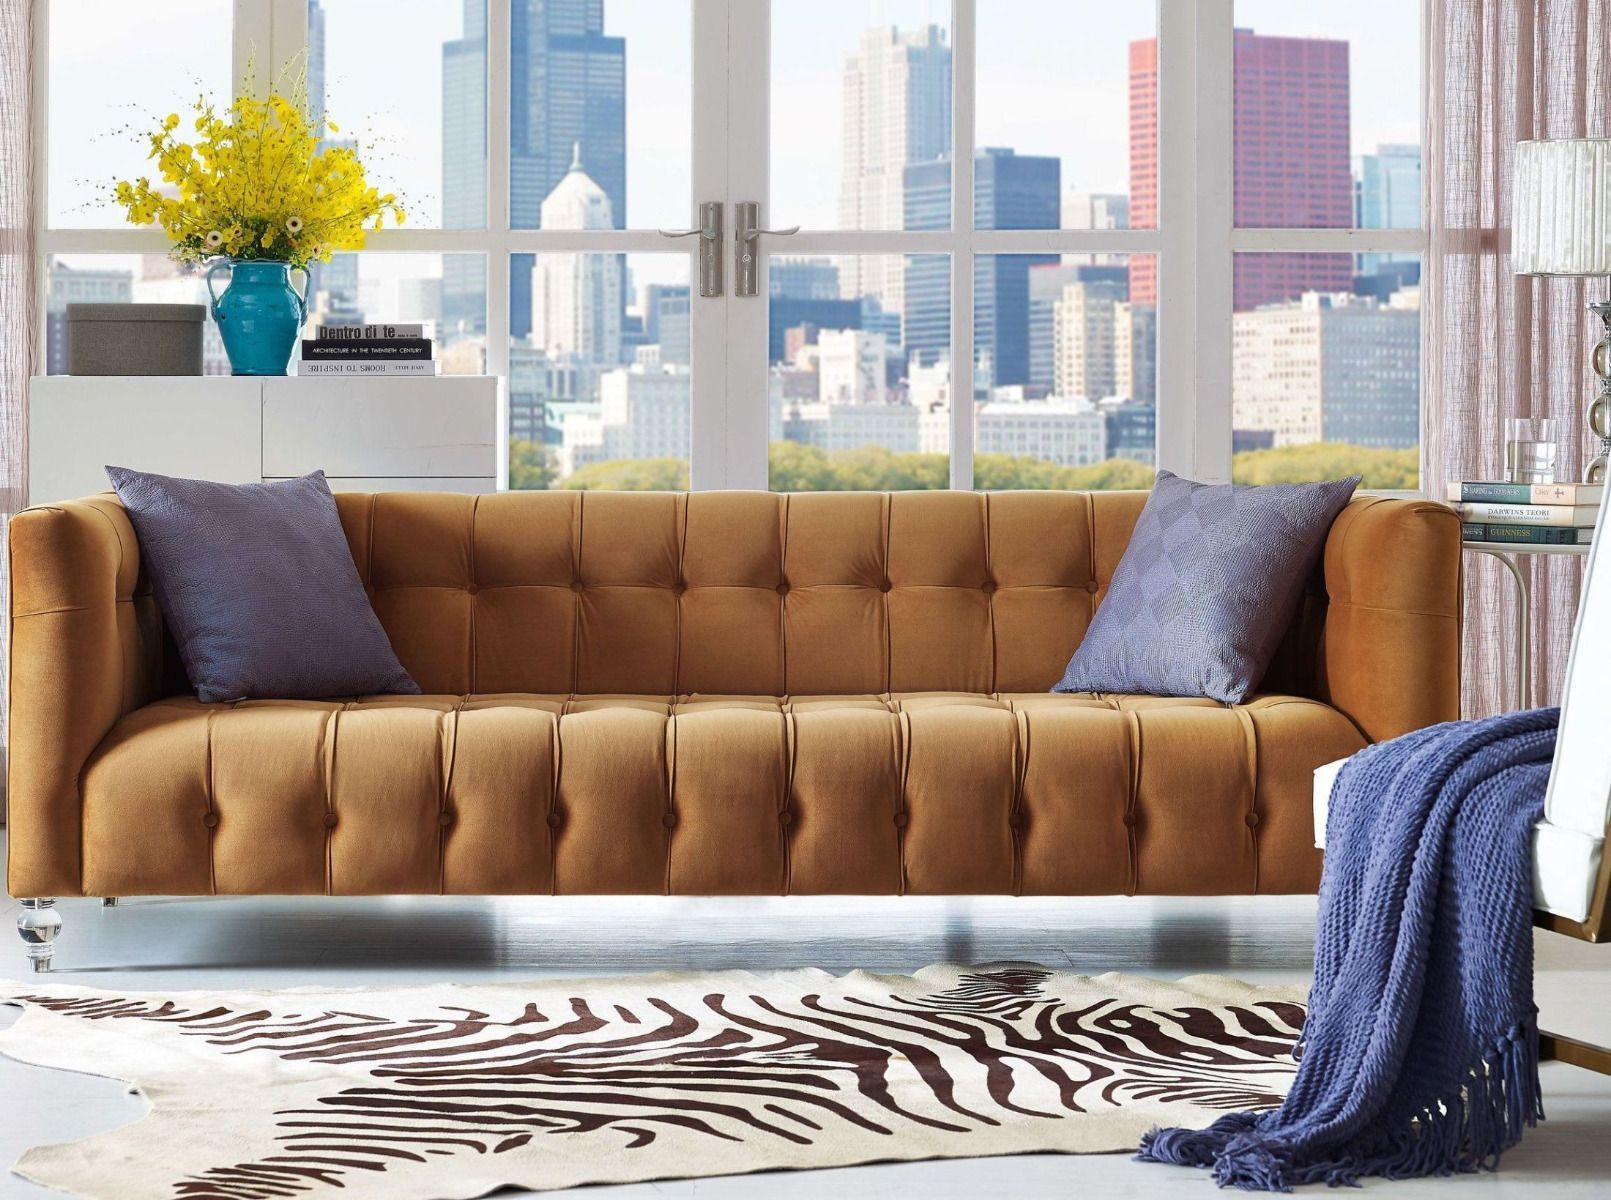 Top Ergebnis 50 Luxus Chenille sofa Bilder 2018 Uqw1 2017